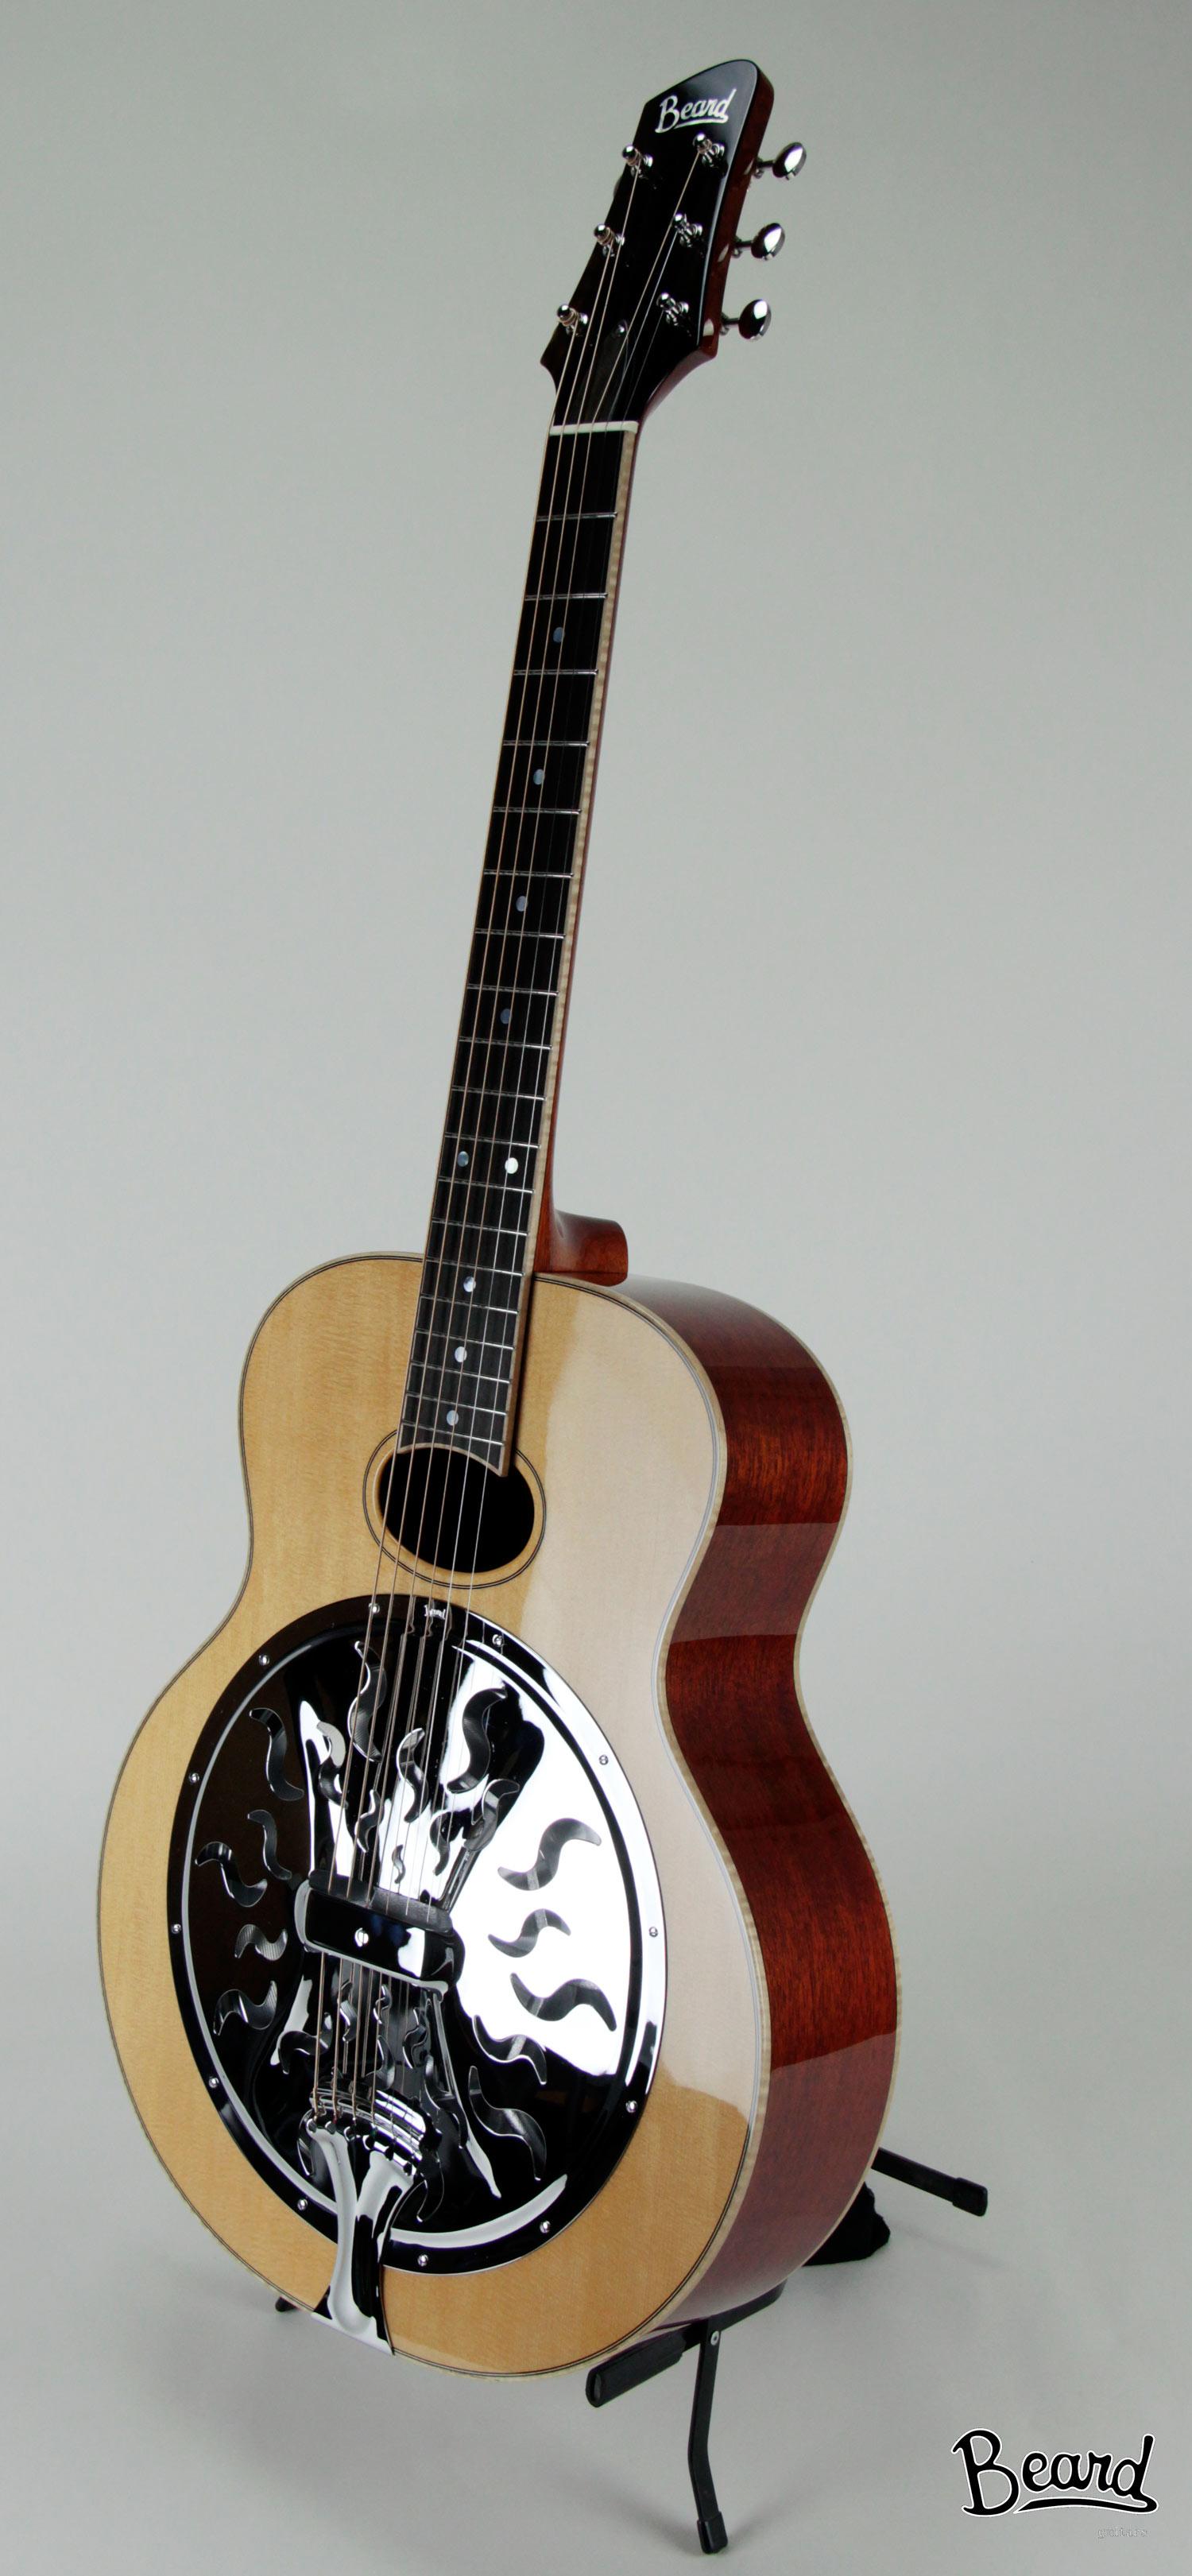 A Model Spruce Mahogany